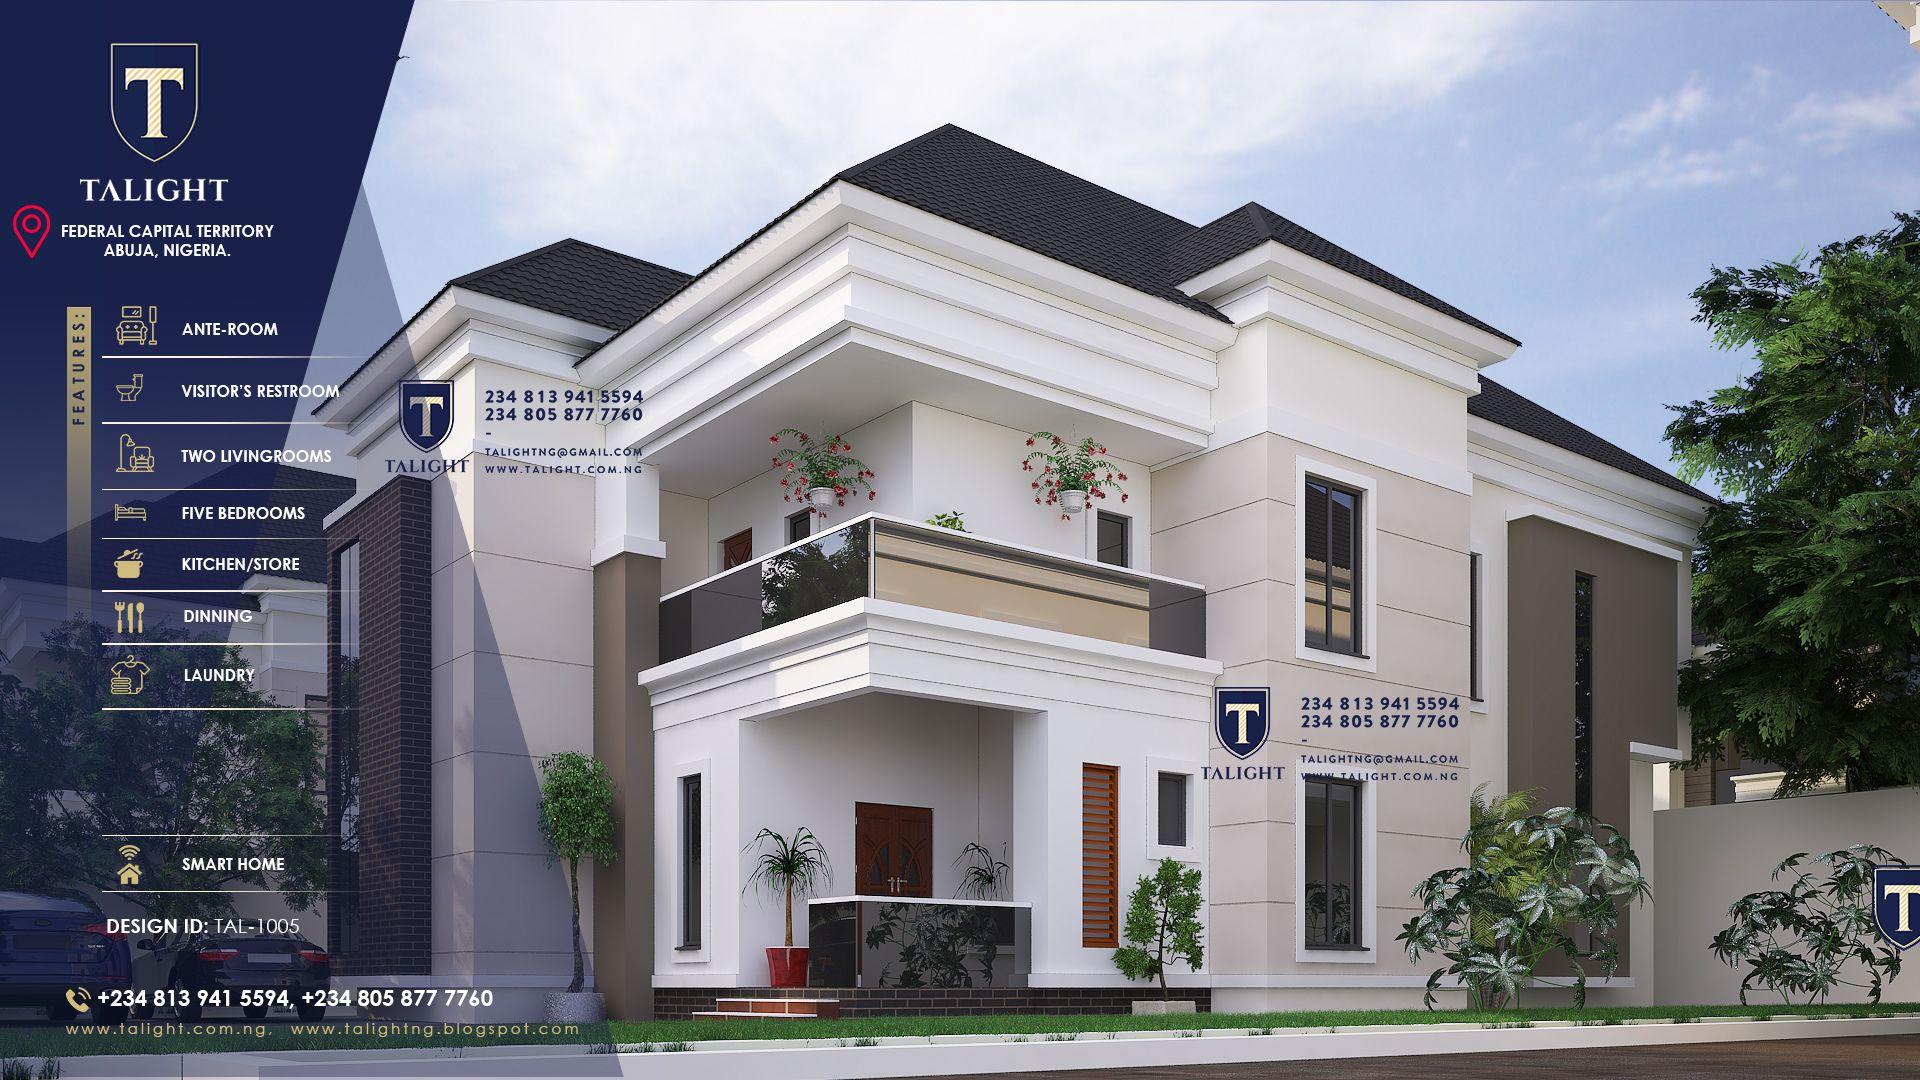 a4f71526162e023a931c184015bebc8d - Get Very Beautiful House Dream House Modern Duplex House Designs In Nigeria Pics